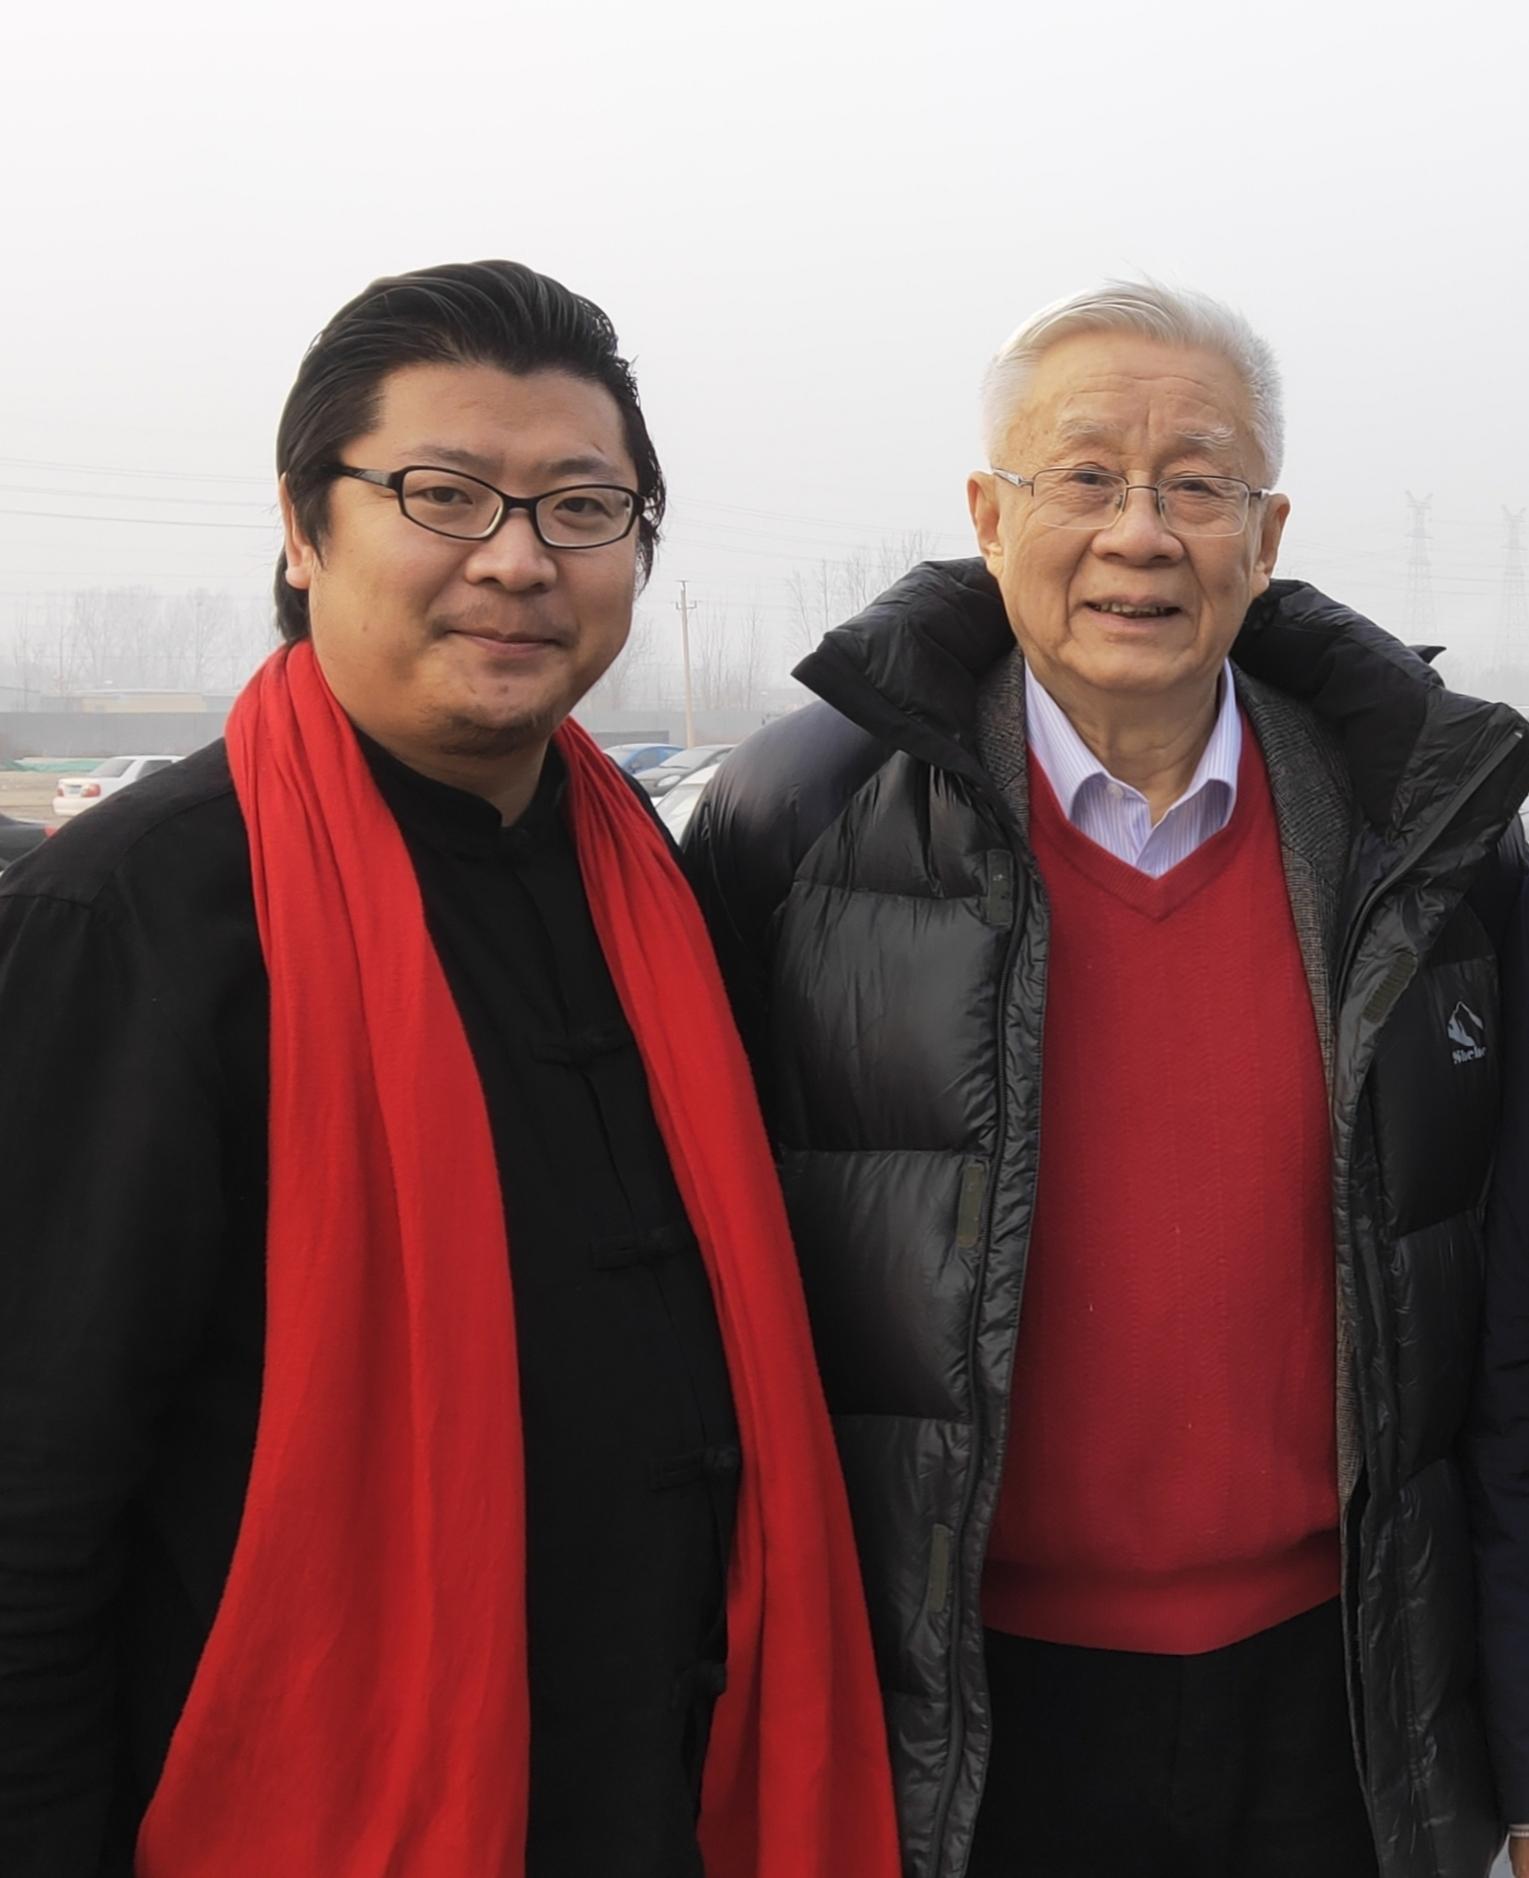 毛健雄:把牢煤电高质量发展定力